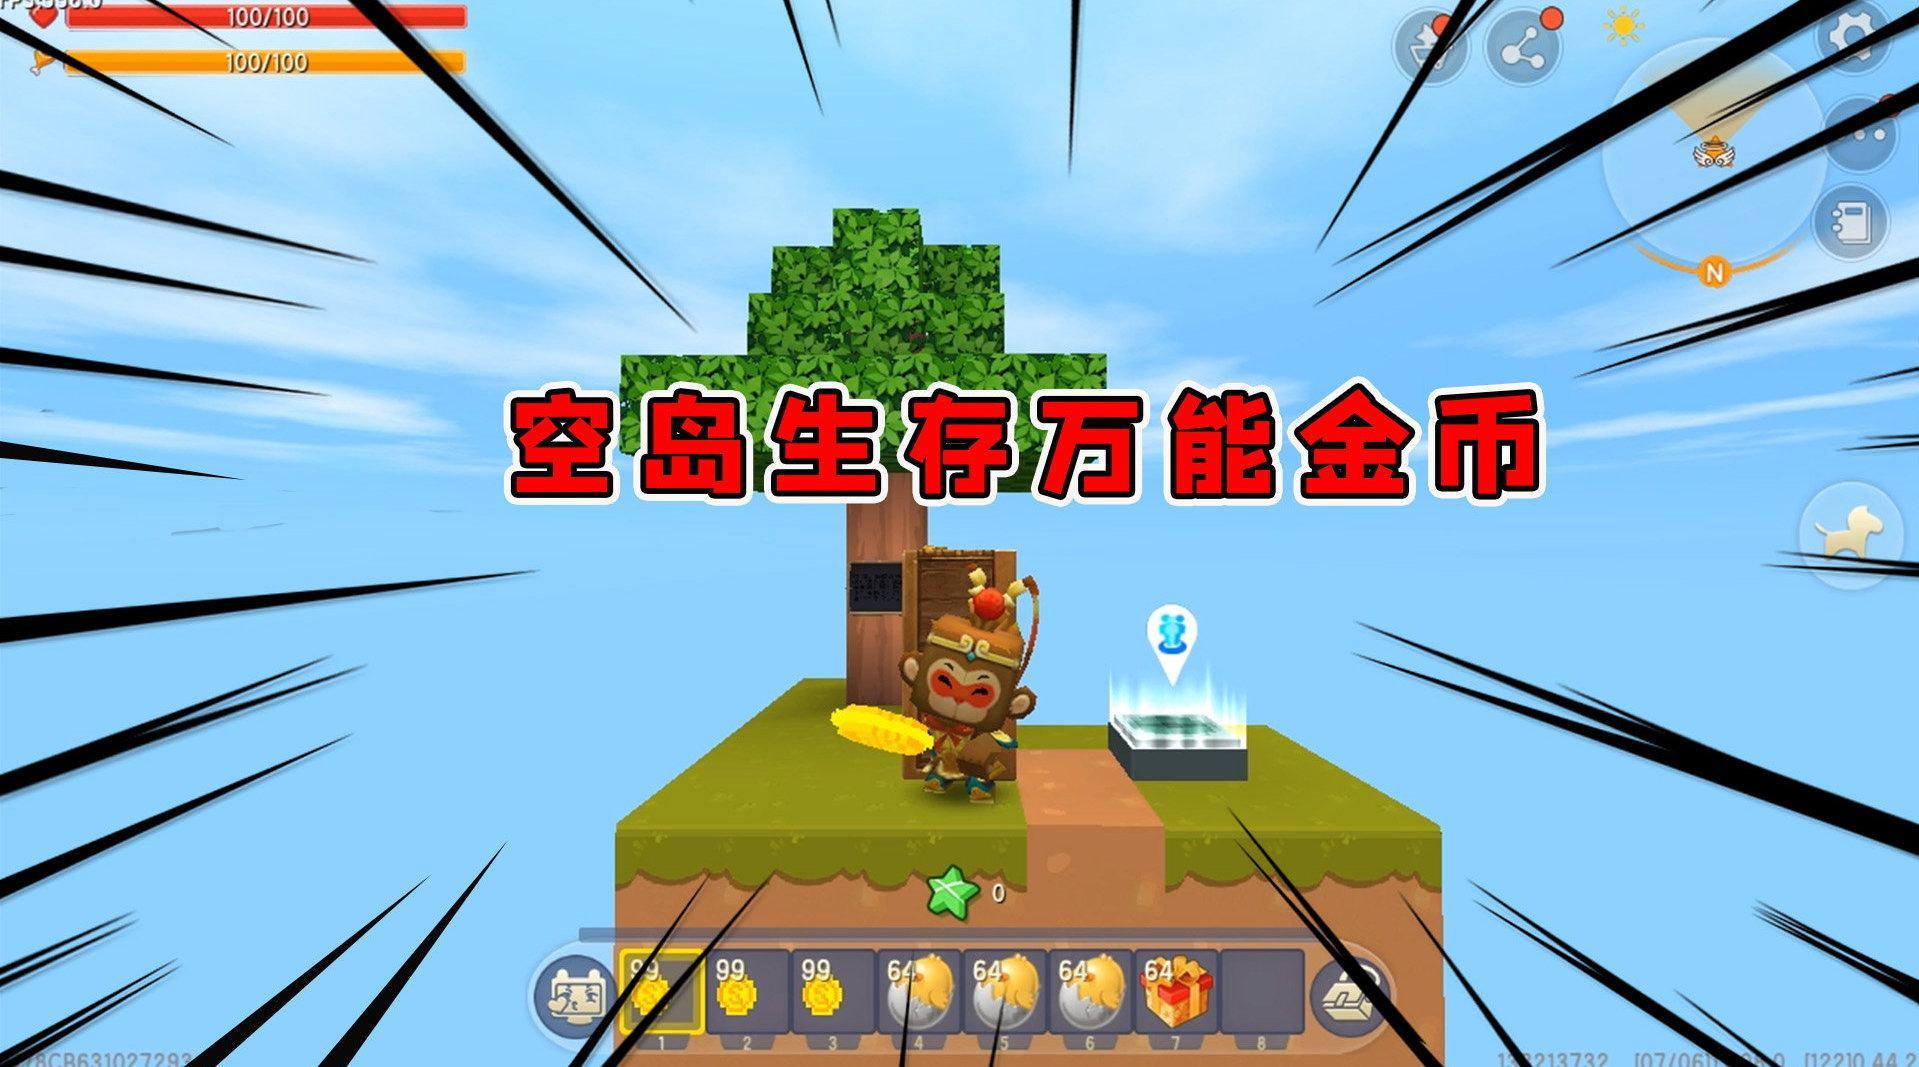 迷你世界:空岛生存万能金币,半仙开局就变成首富,想要啥就买啥